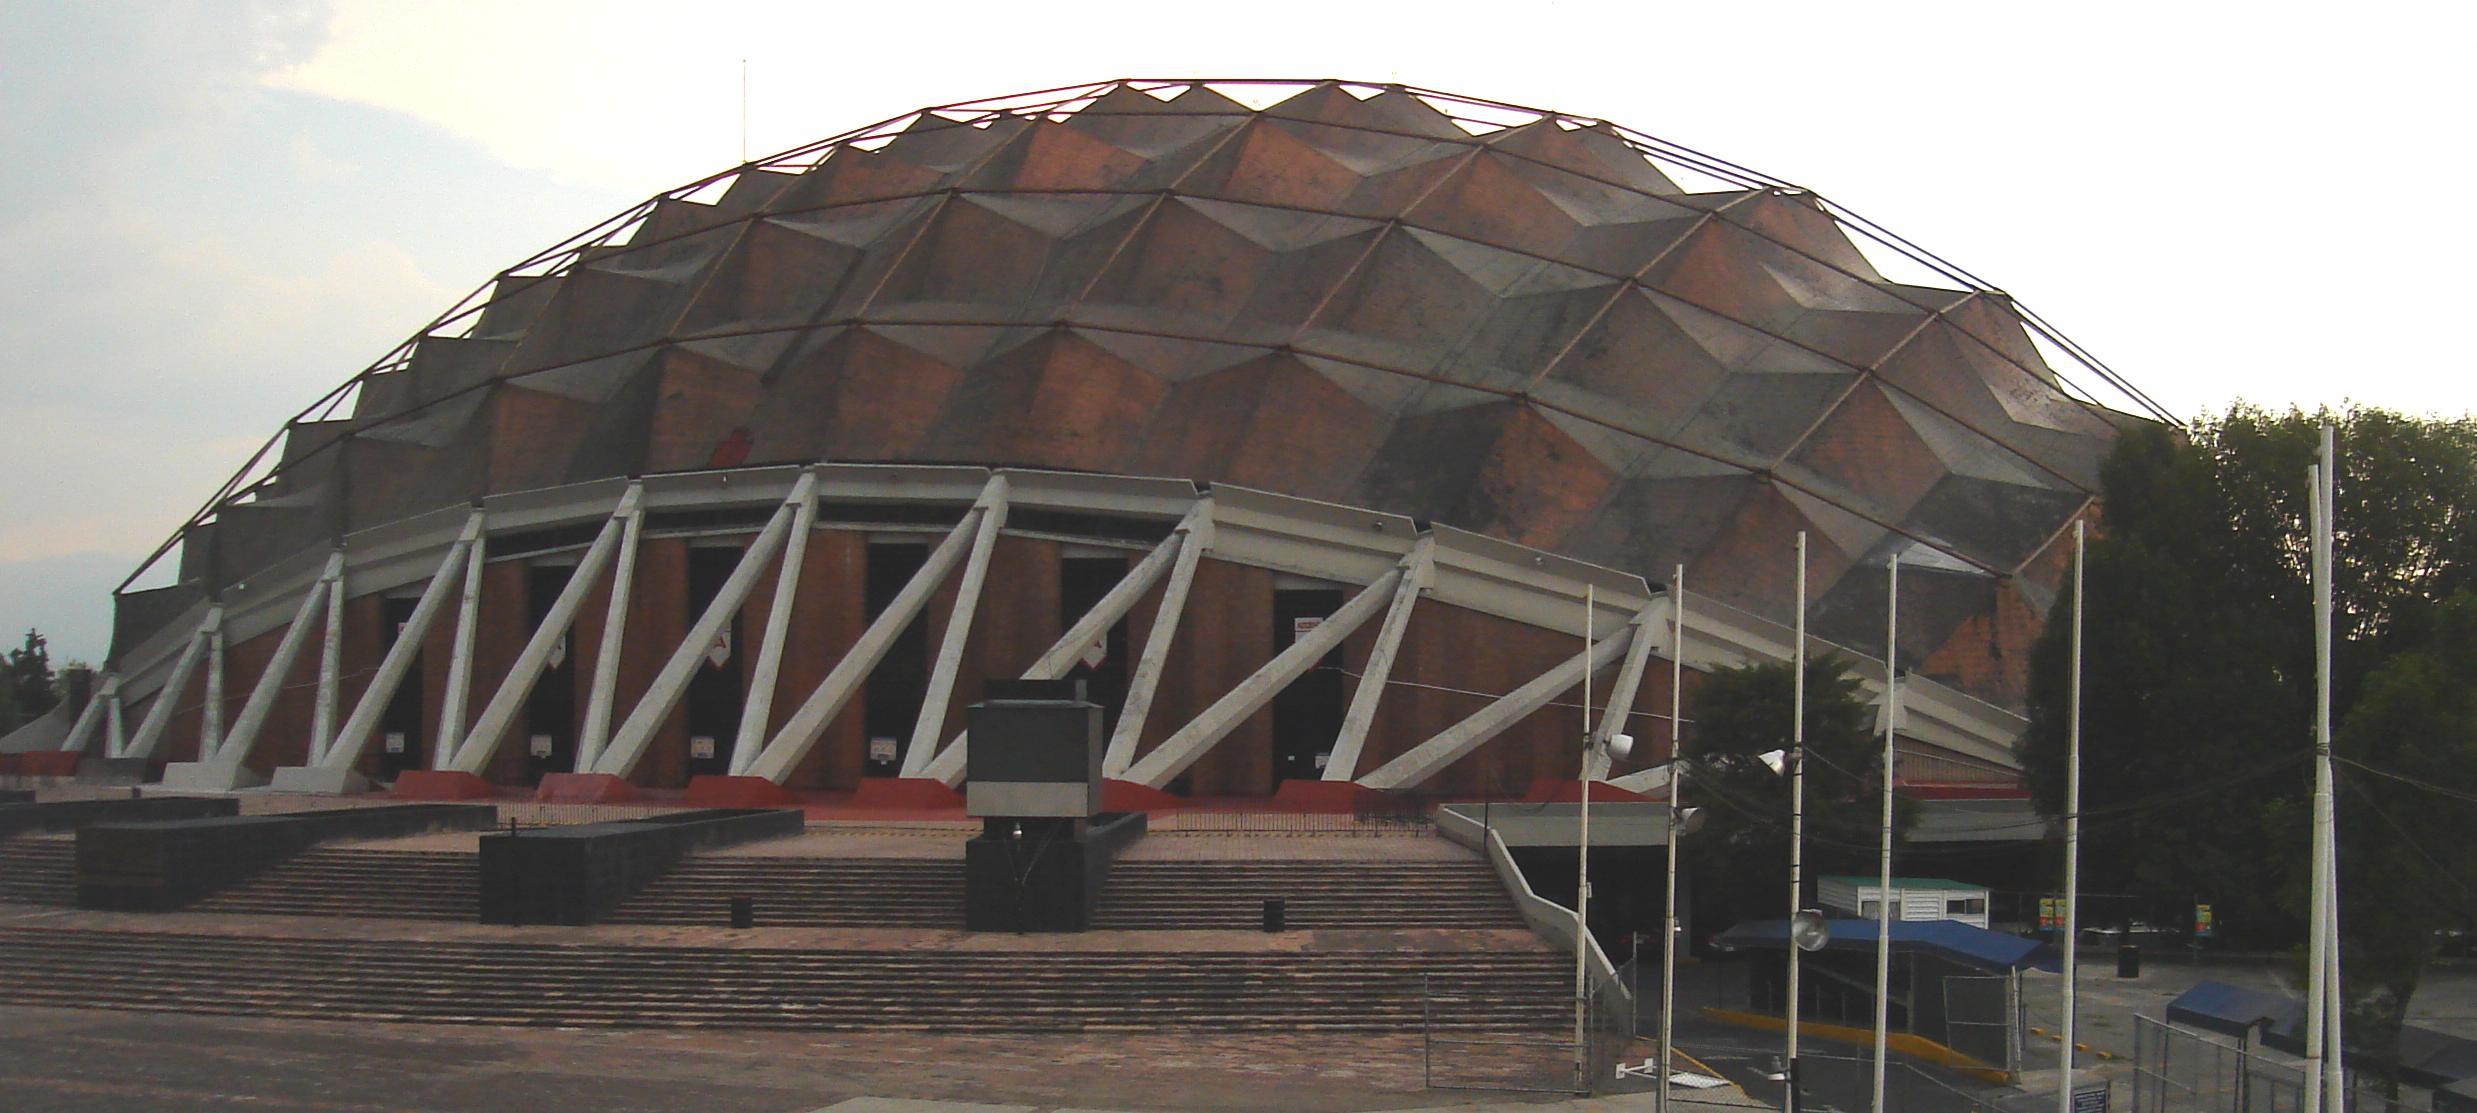 File:Palacio de los Deportes.JPG - Wikipedia